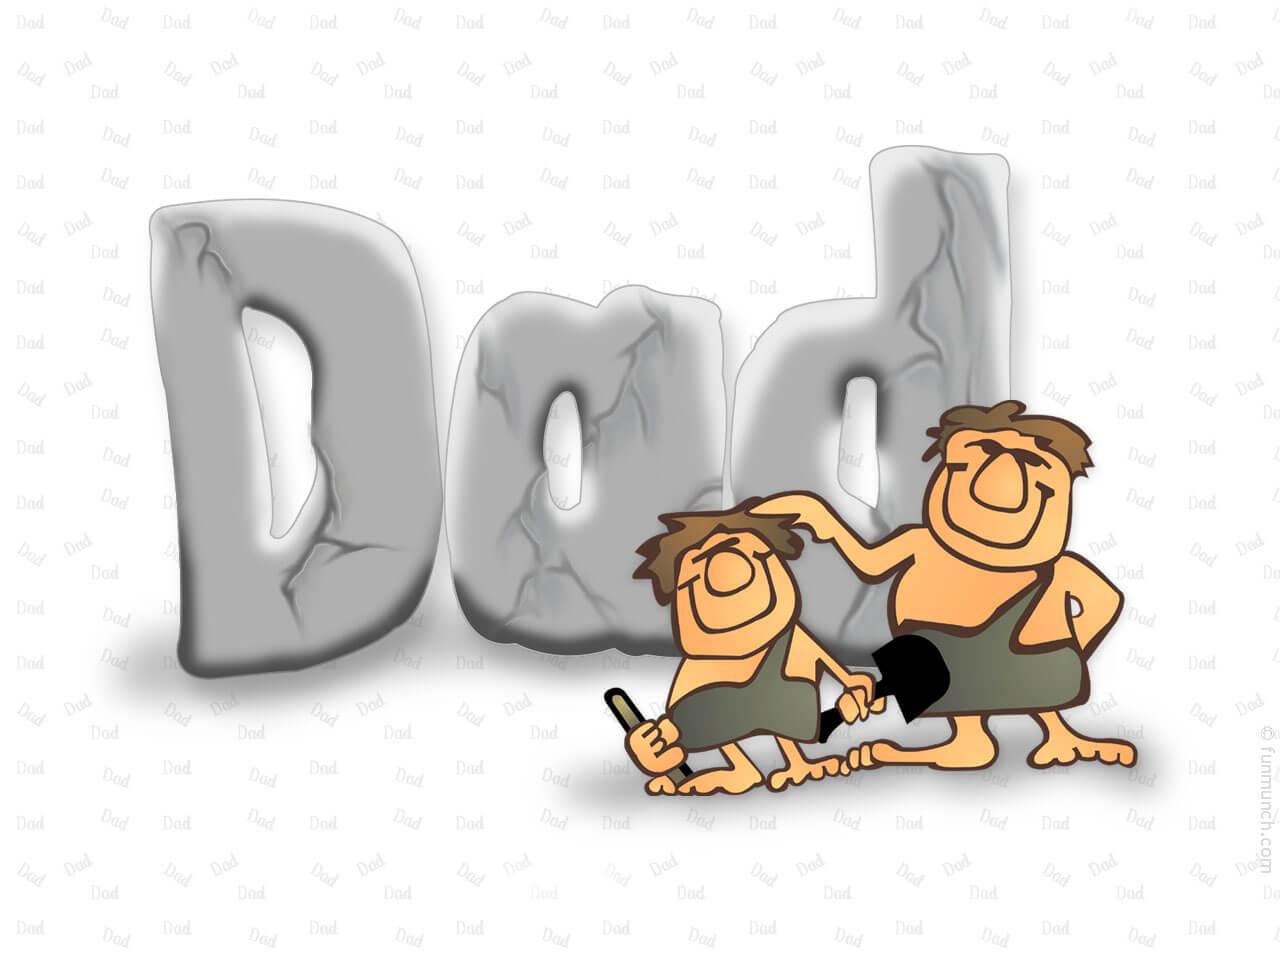 happy fathers day flintstones cartoon hd wallpaper